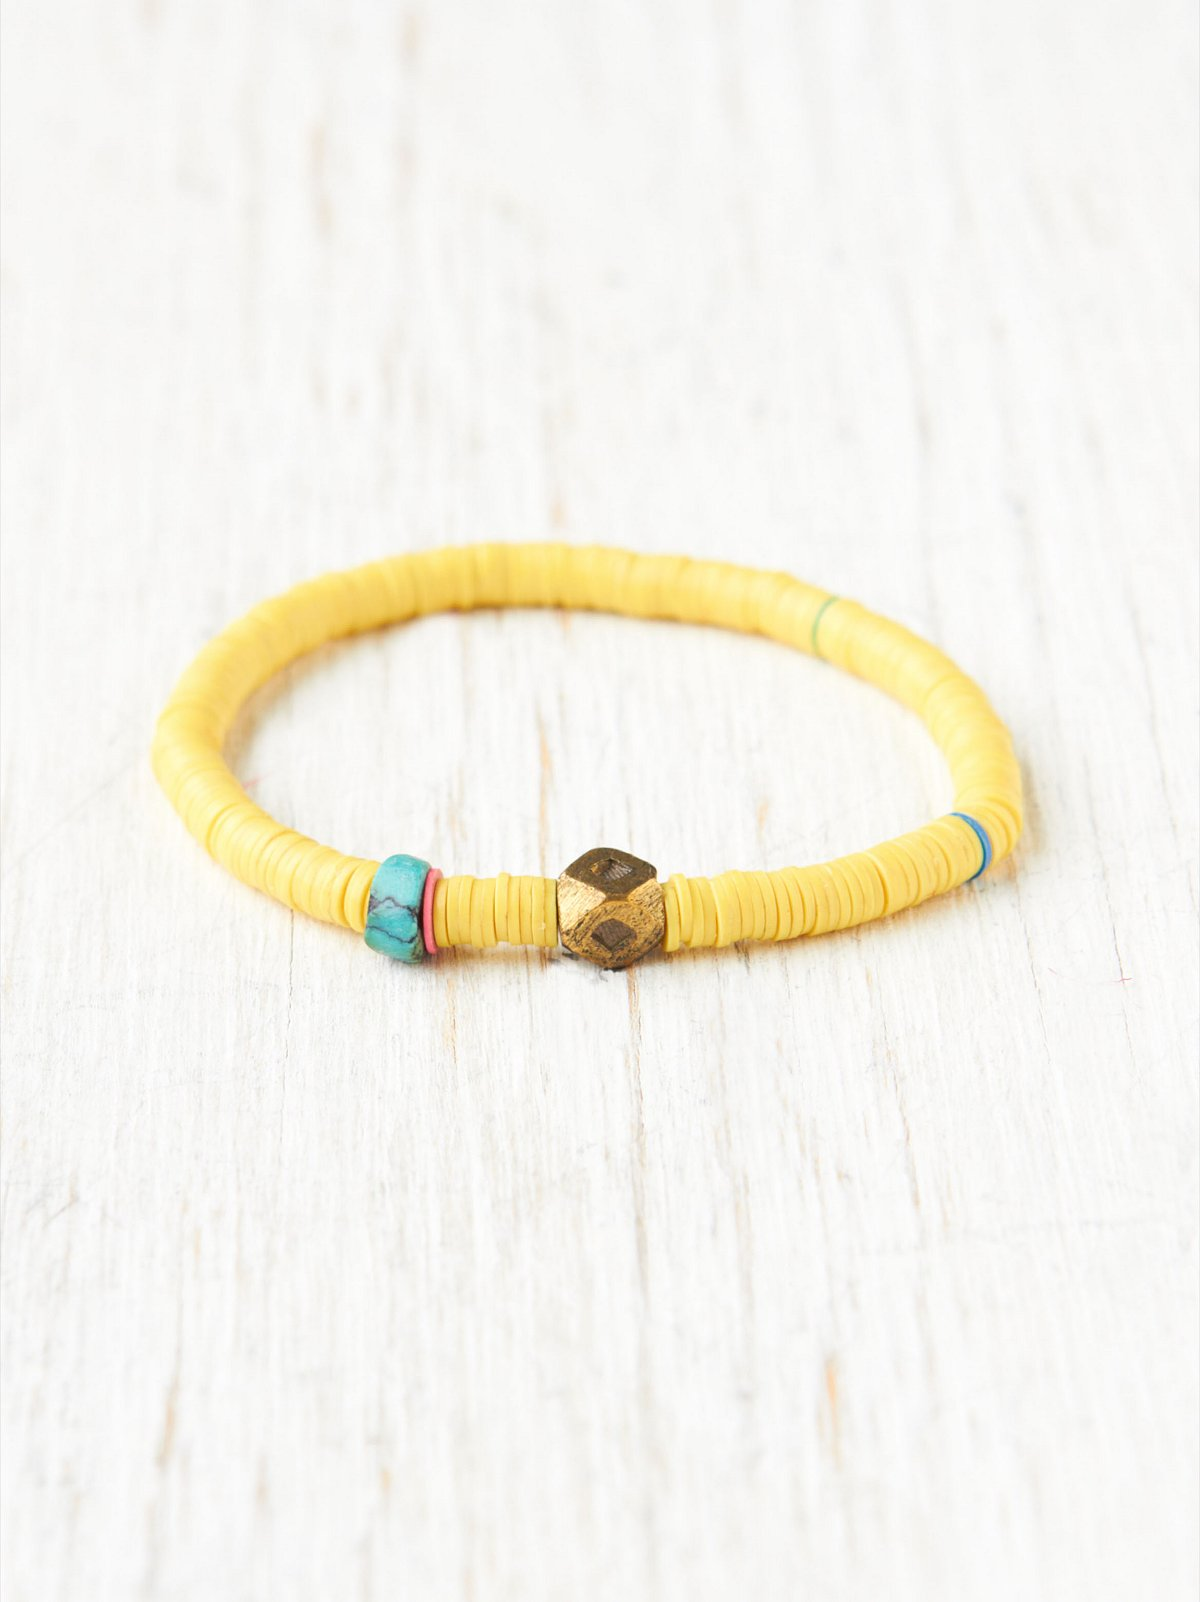 Neon Beaded Friendship Bracelets